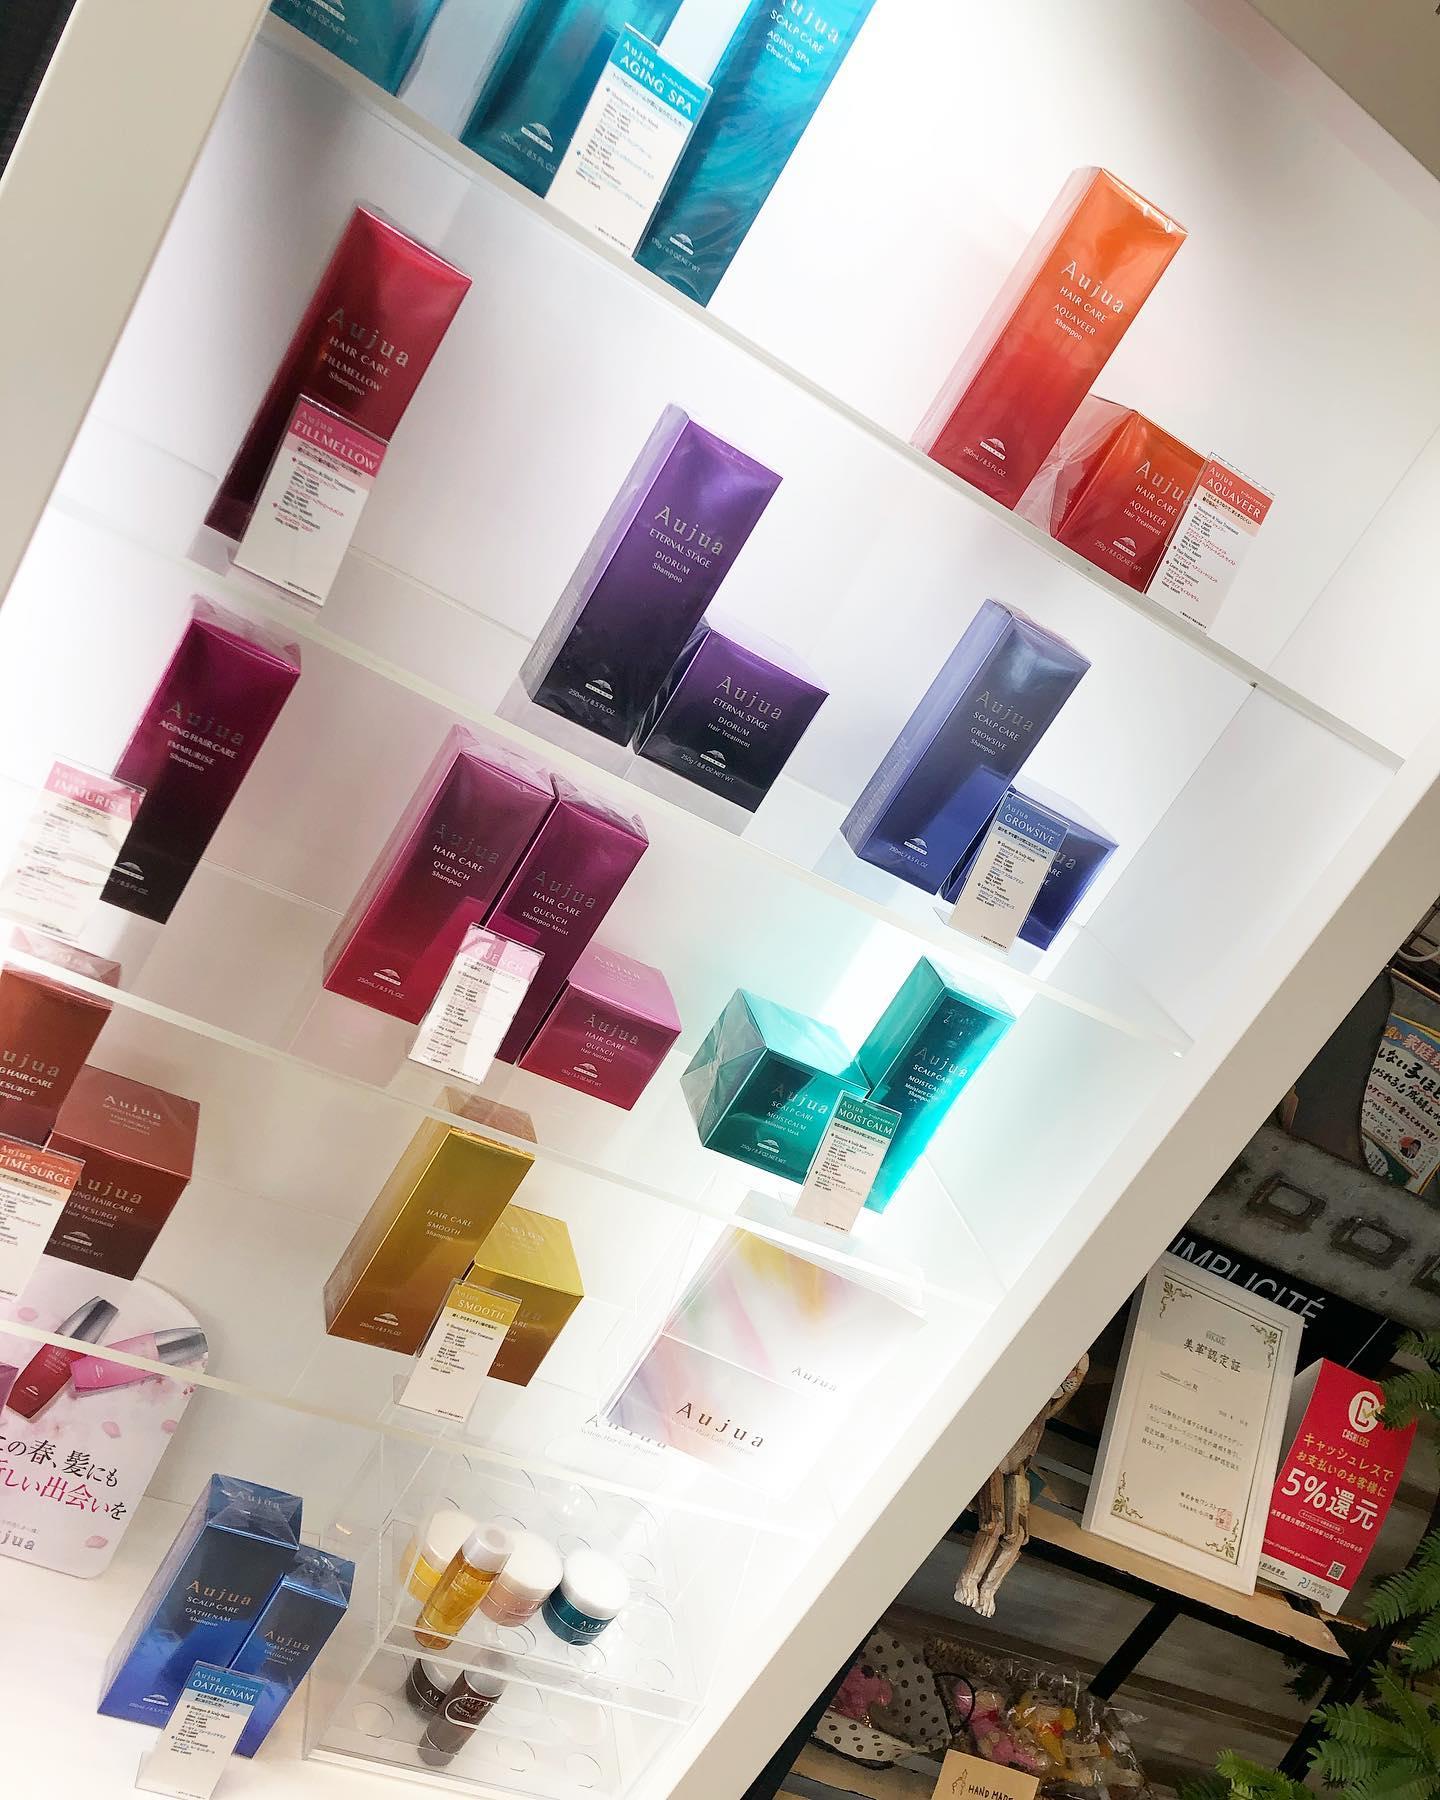 6月1日 ~ 6月30日 店内商品20% off キャンペーンを実施します普段お使いの商品、気になっていた商品等、お得に手に入れるチャンスです!ぜひご利用ください️※ 一部対象外の商品もありますので、詳しくはスタッフまでお声かけください。#ciel #日立美容室